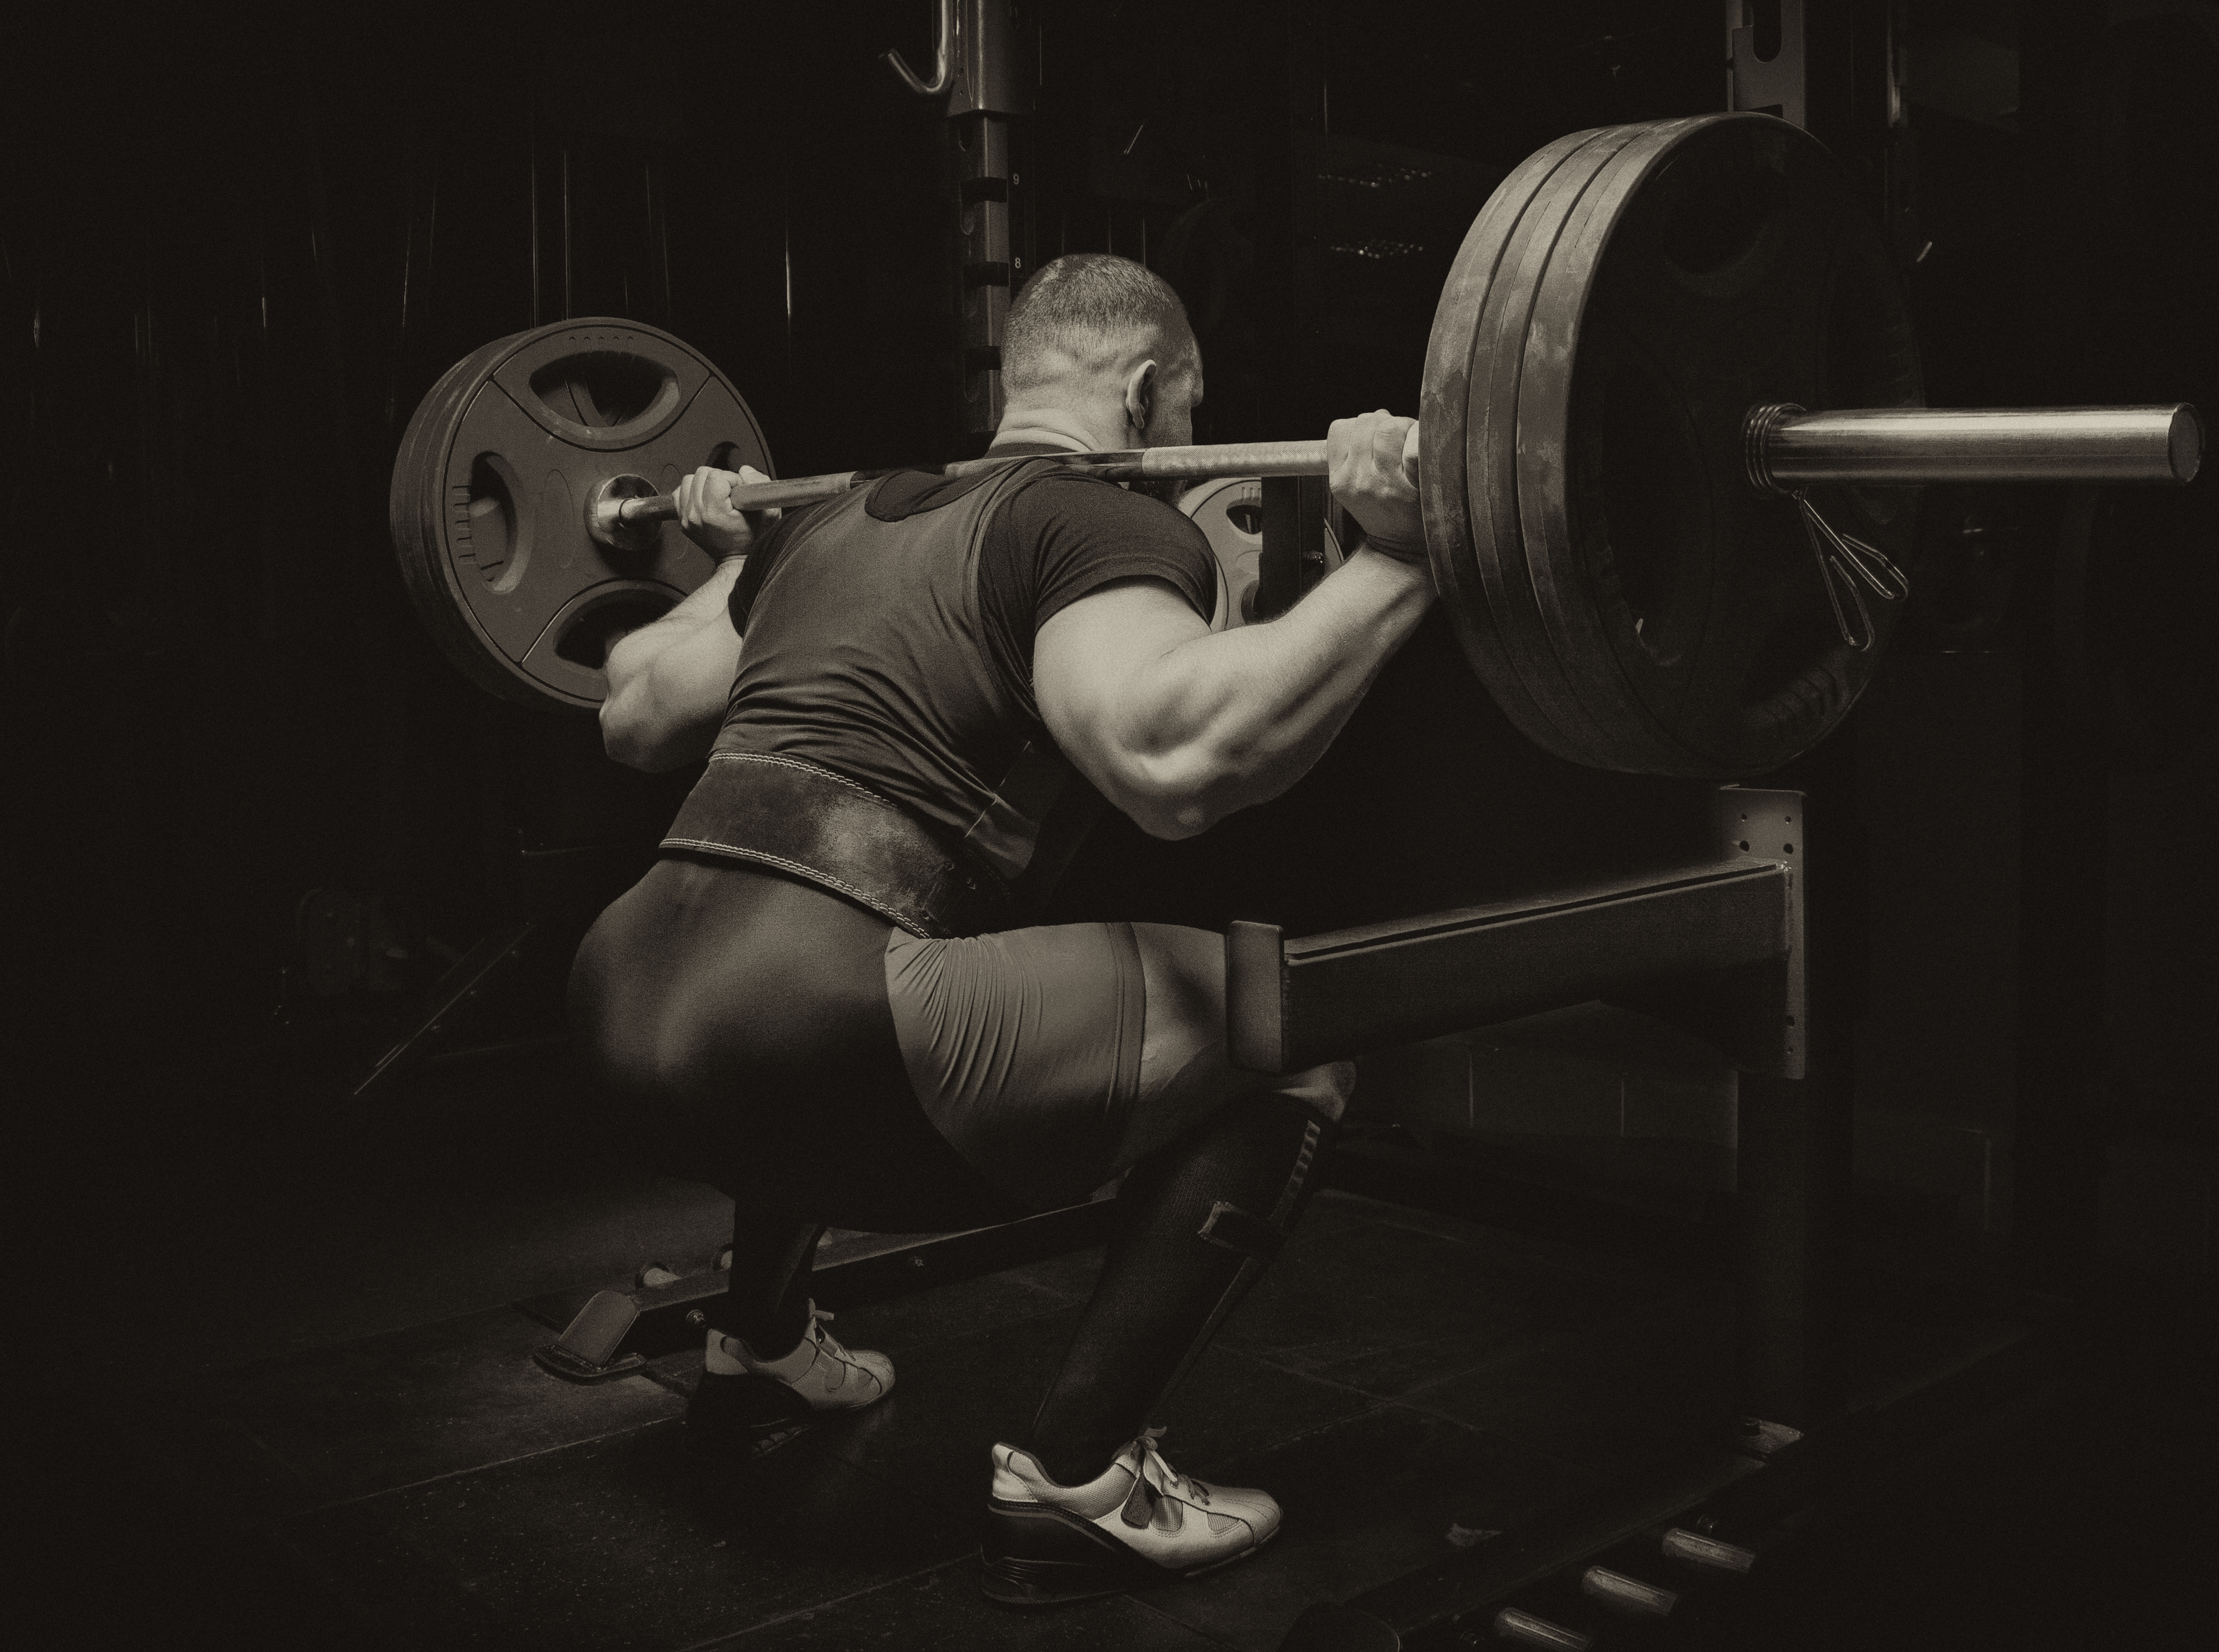 Bør utøvere i styrke- og kraftidretter trene utholdenhet?